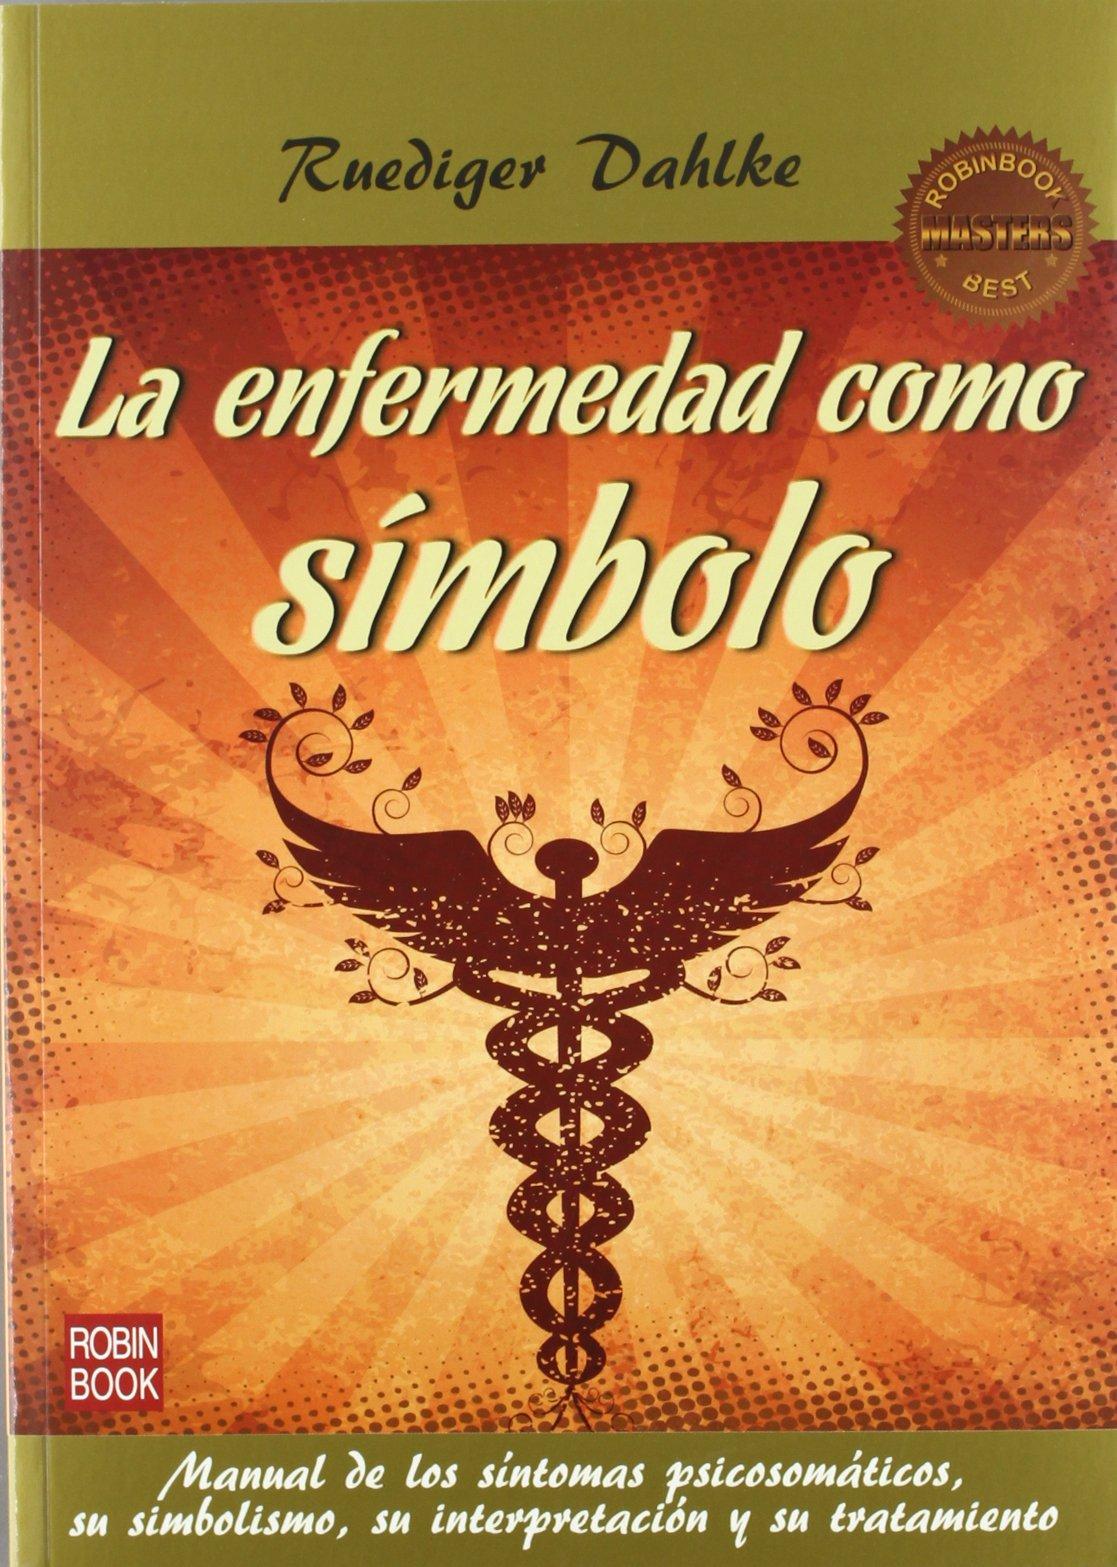 Enfermedad Como Simbolo, La 2ª Ed. Masters Salud robin Book: Amazon.es:  Ruediger Dahlke: Libros